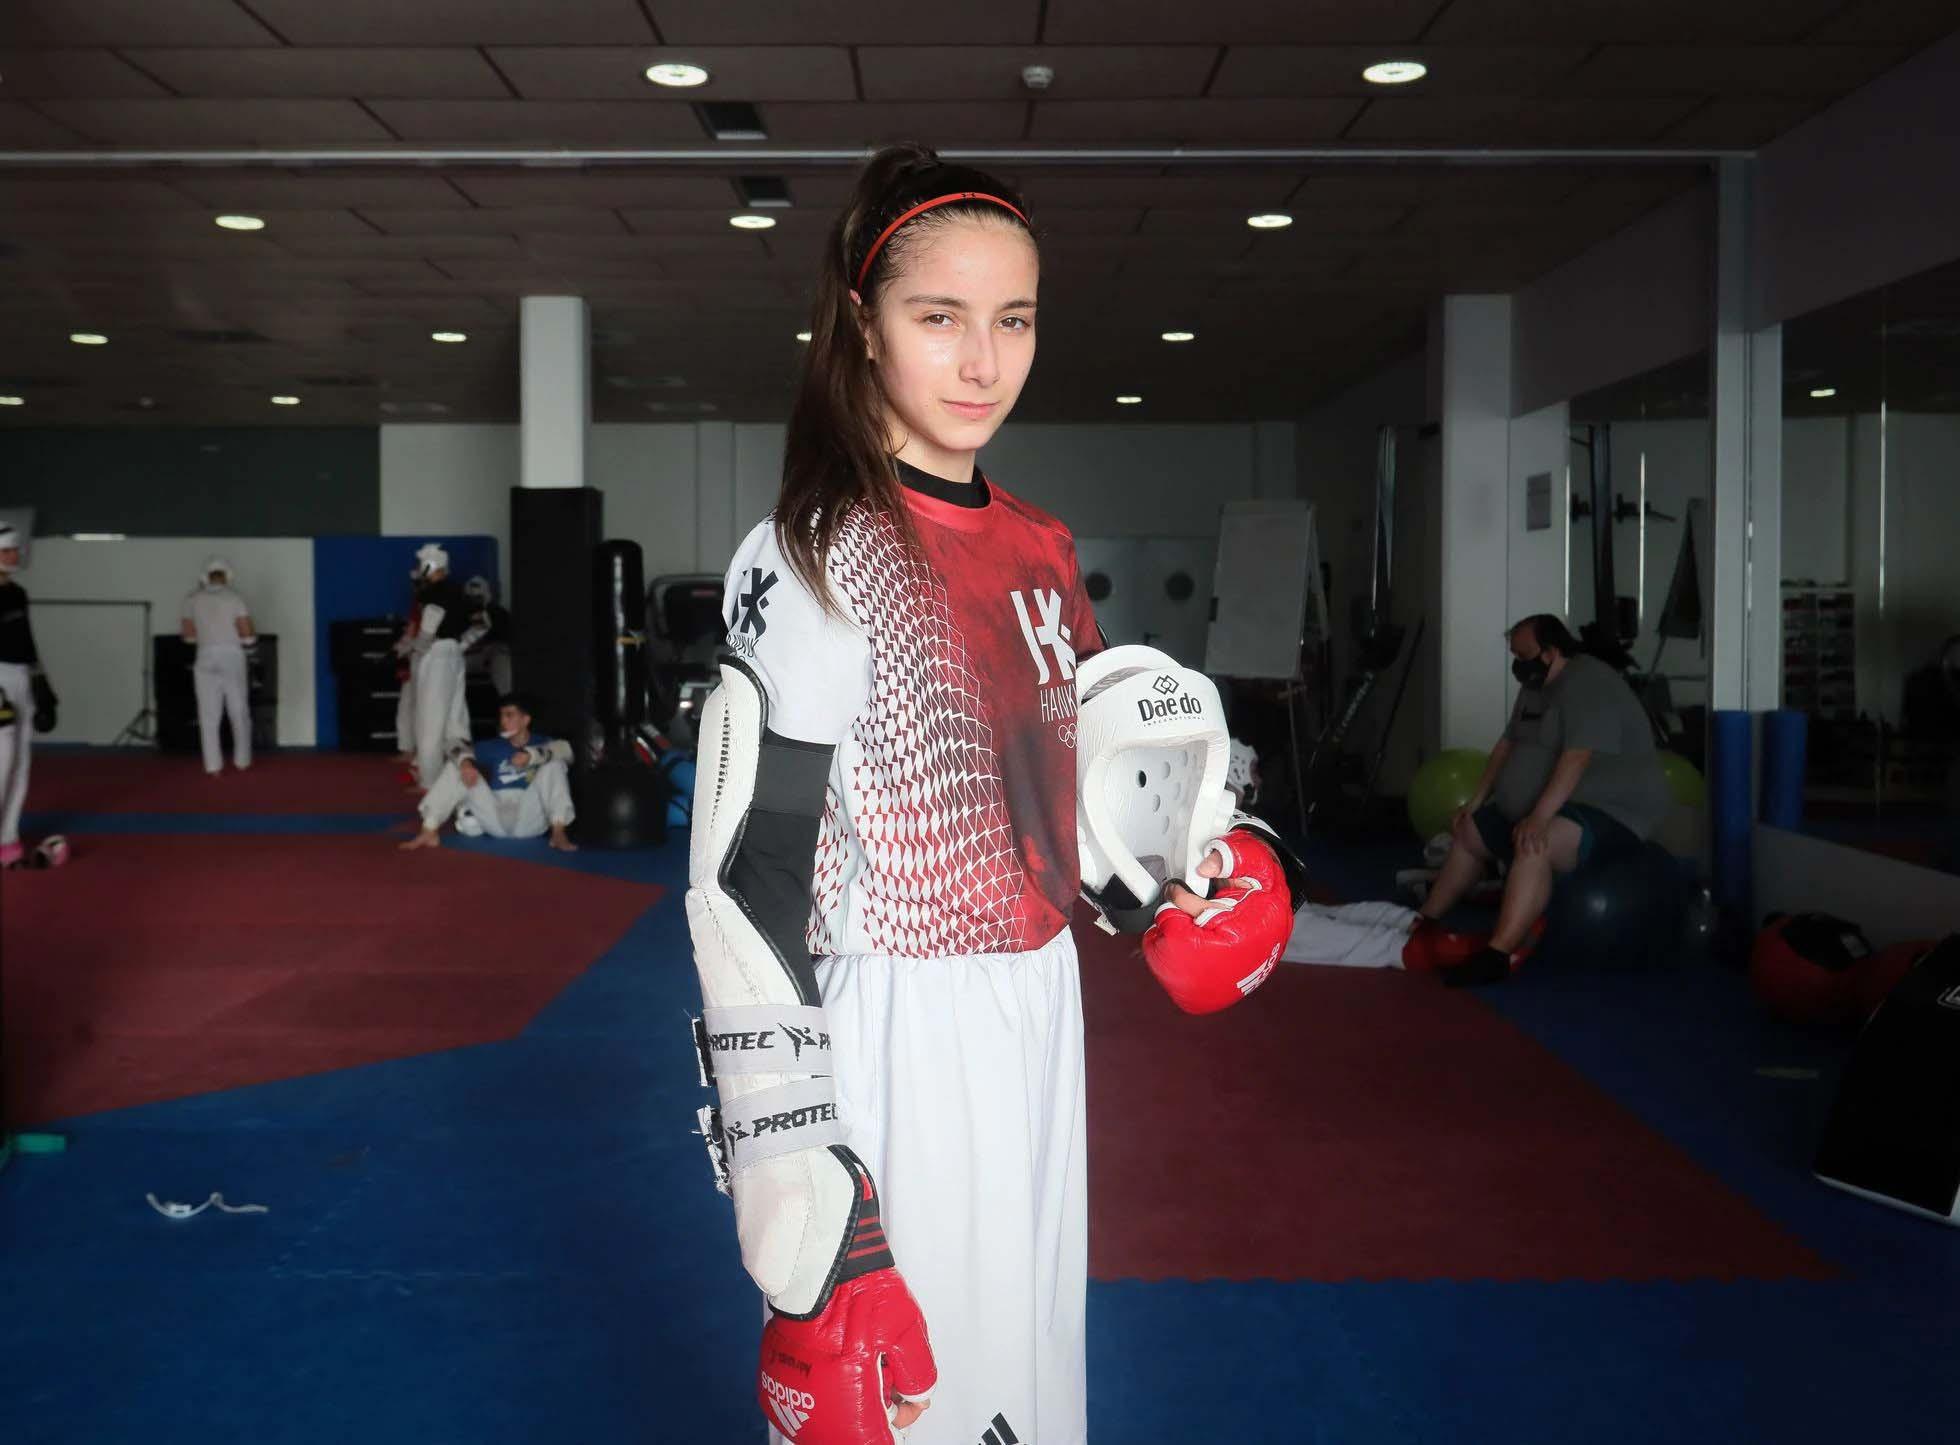 Adriana Cerezo và cuộc hành trình tuyệt vời của nữ VĐV Taekwondo 17 tuổi tại Olympic - Ảnh 3.